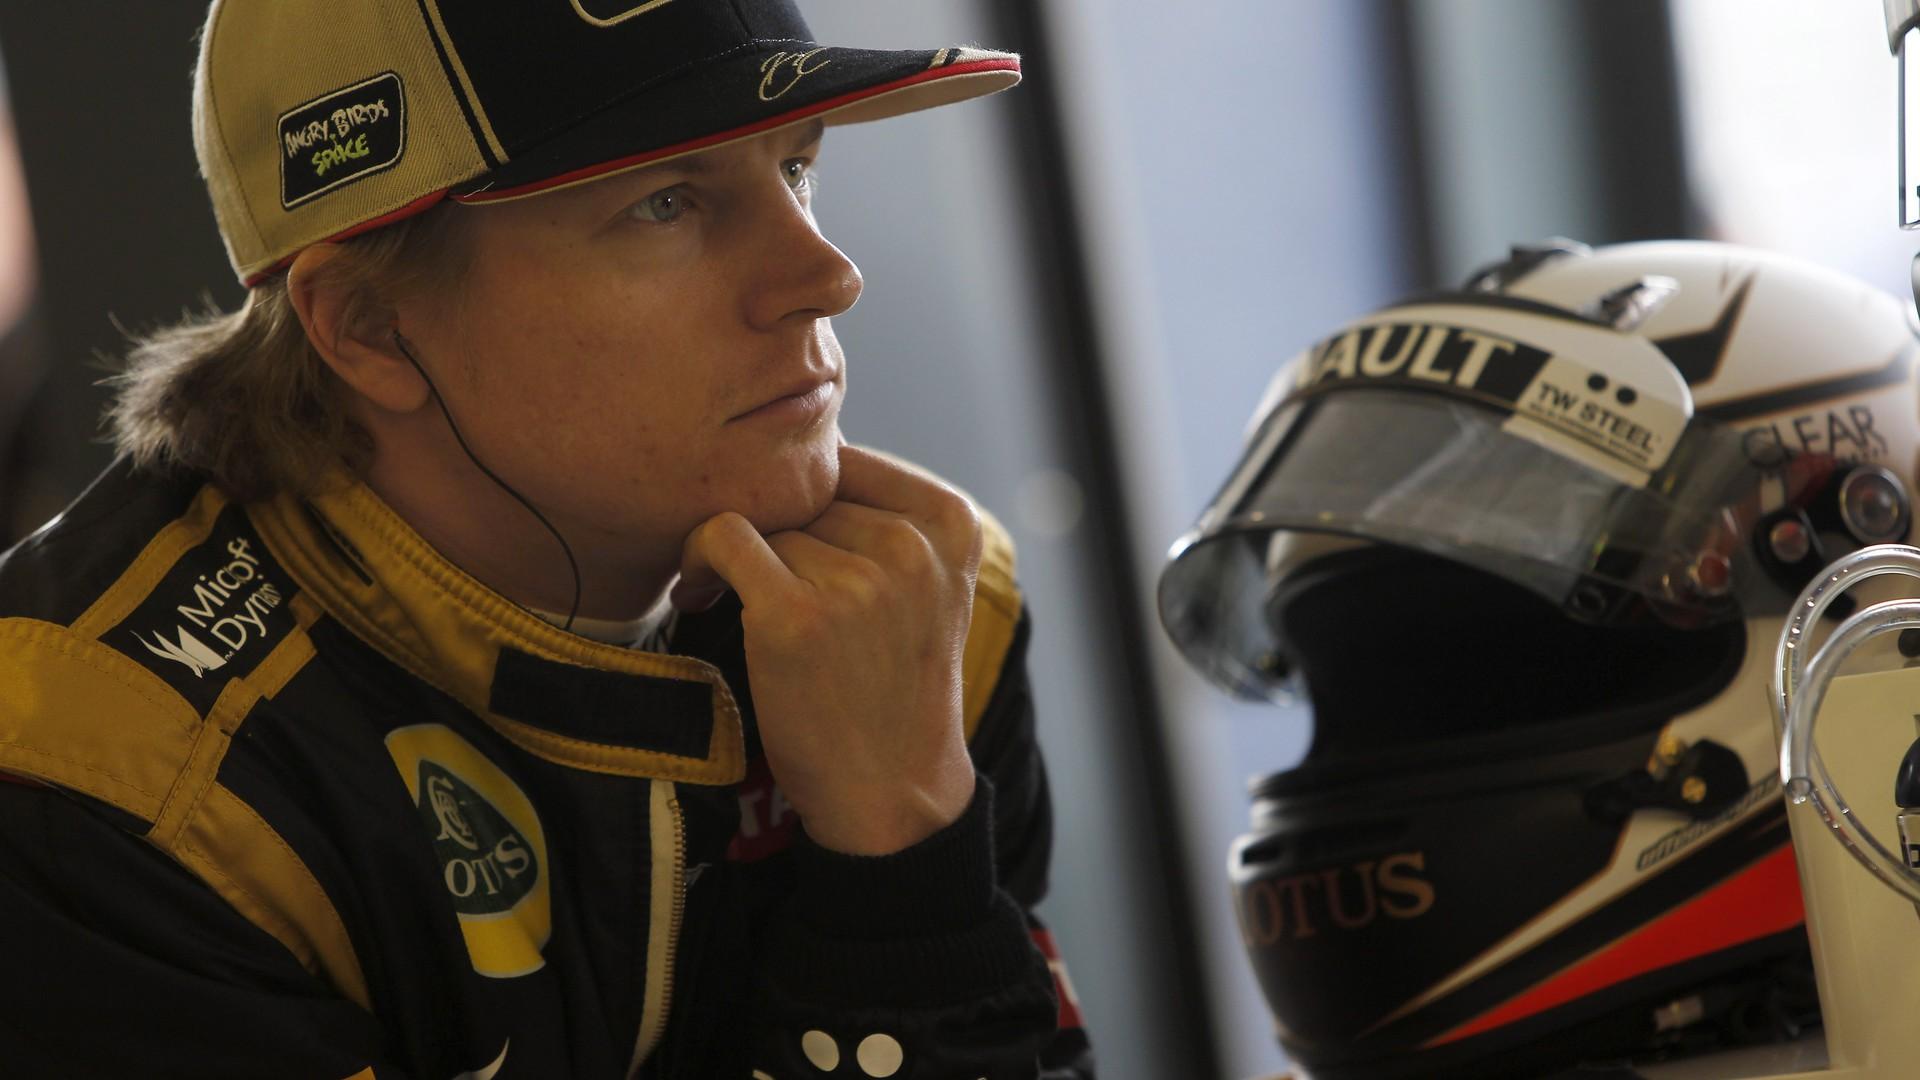 Kimi Raikkonen Photos